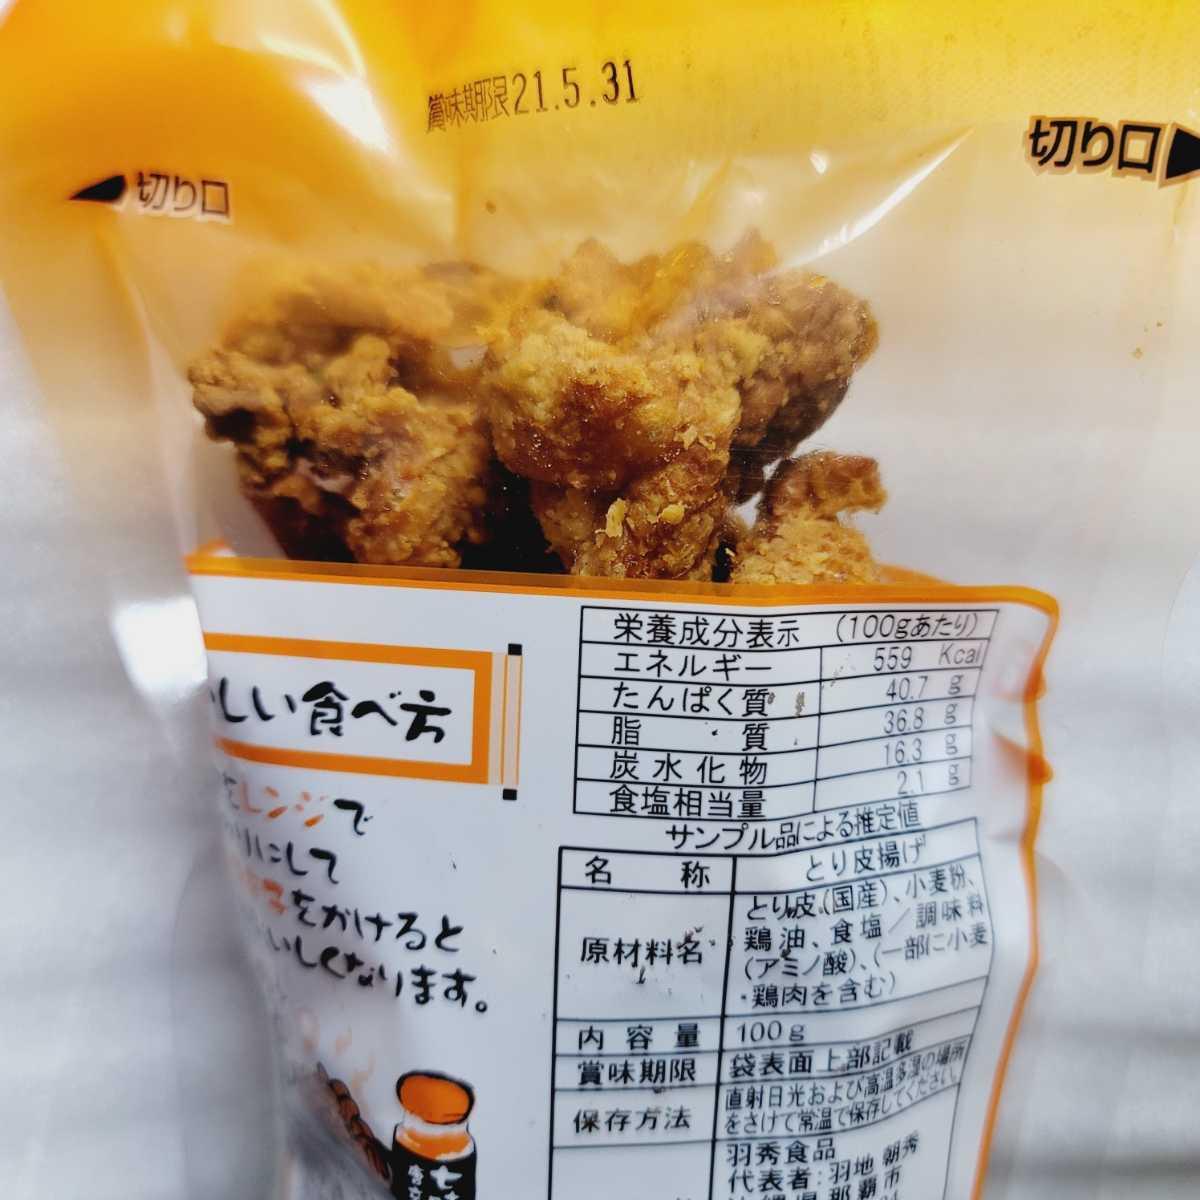 おつまみ、おやつに 沖縄 とり皮 揚げ 12袋 セット  * お菓子 詰め合わせ 鶏皮_画像2